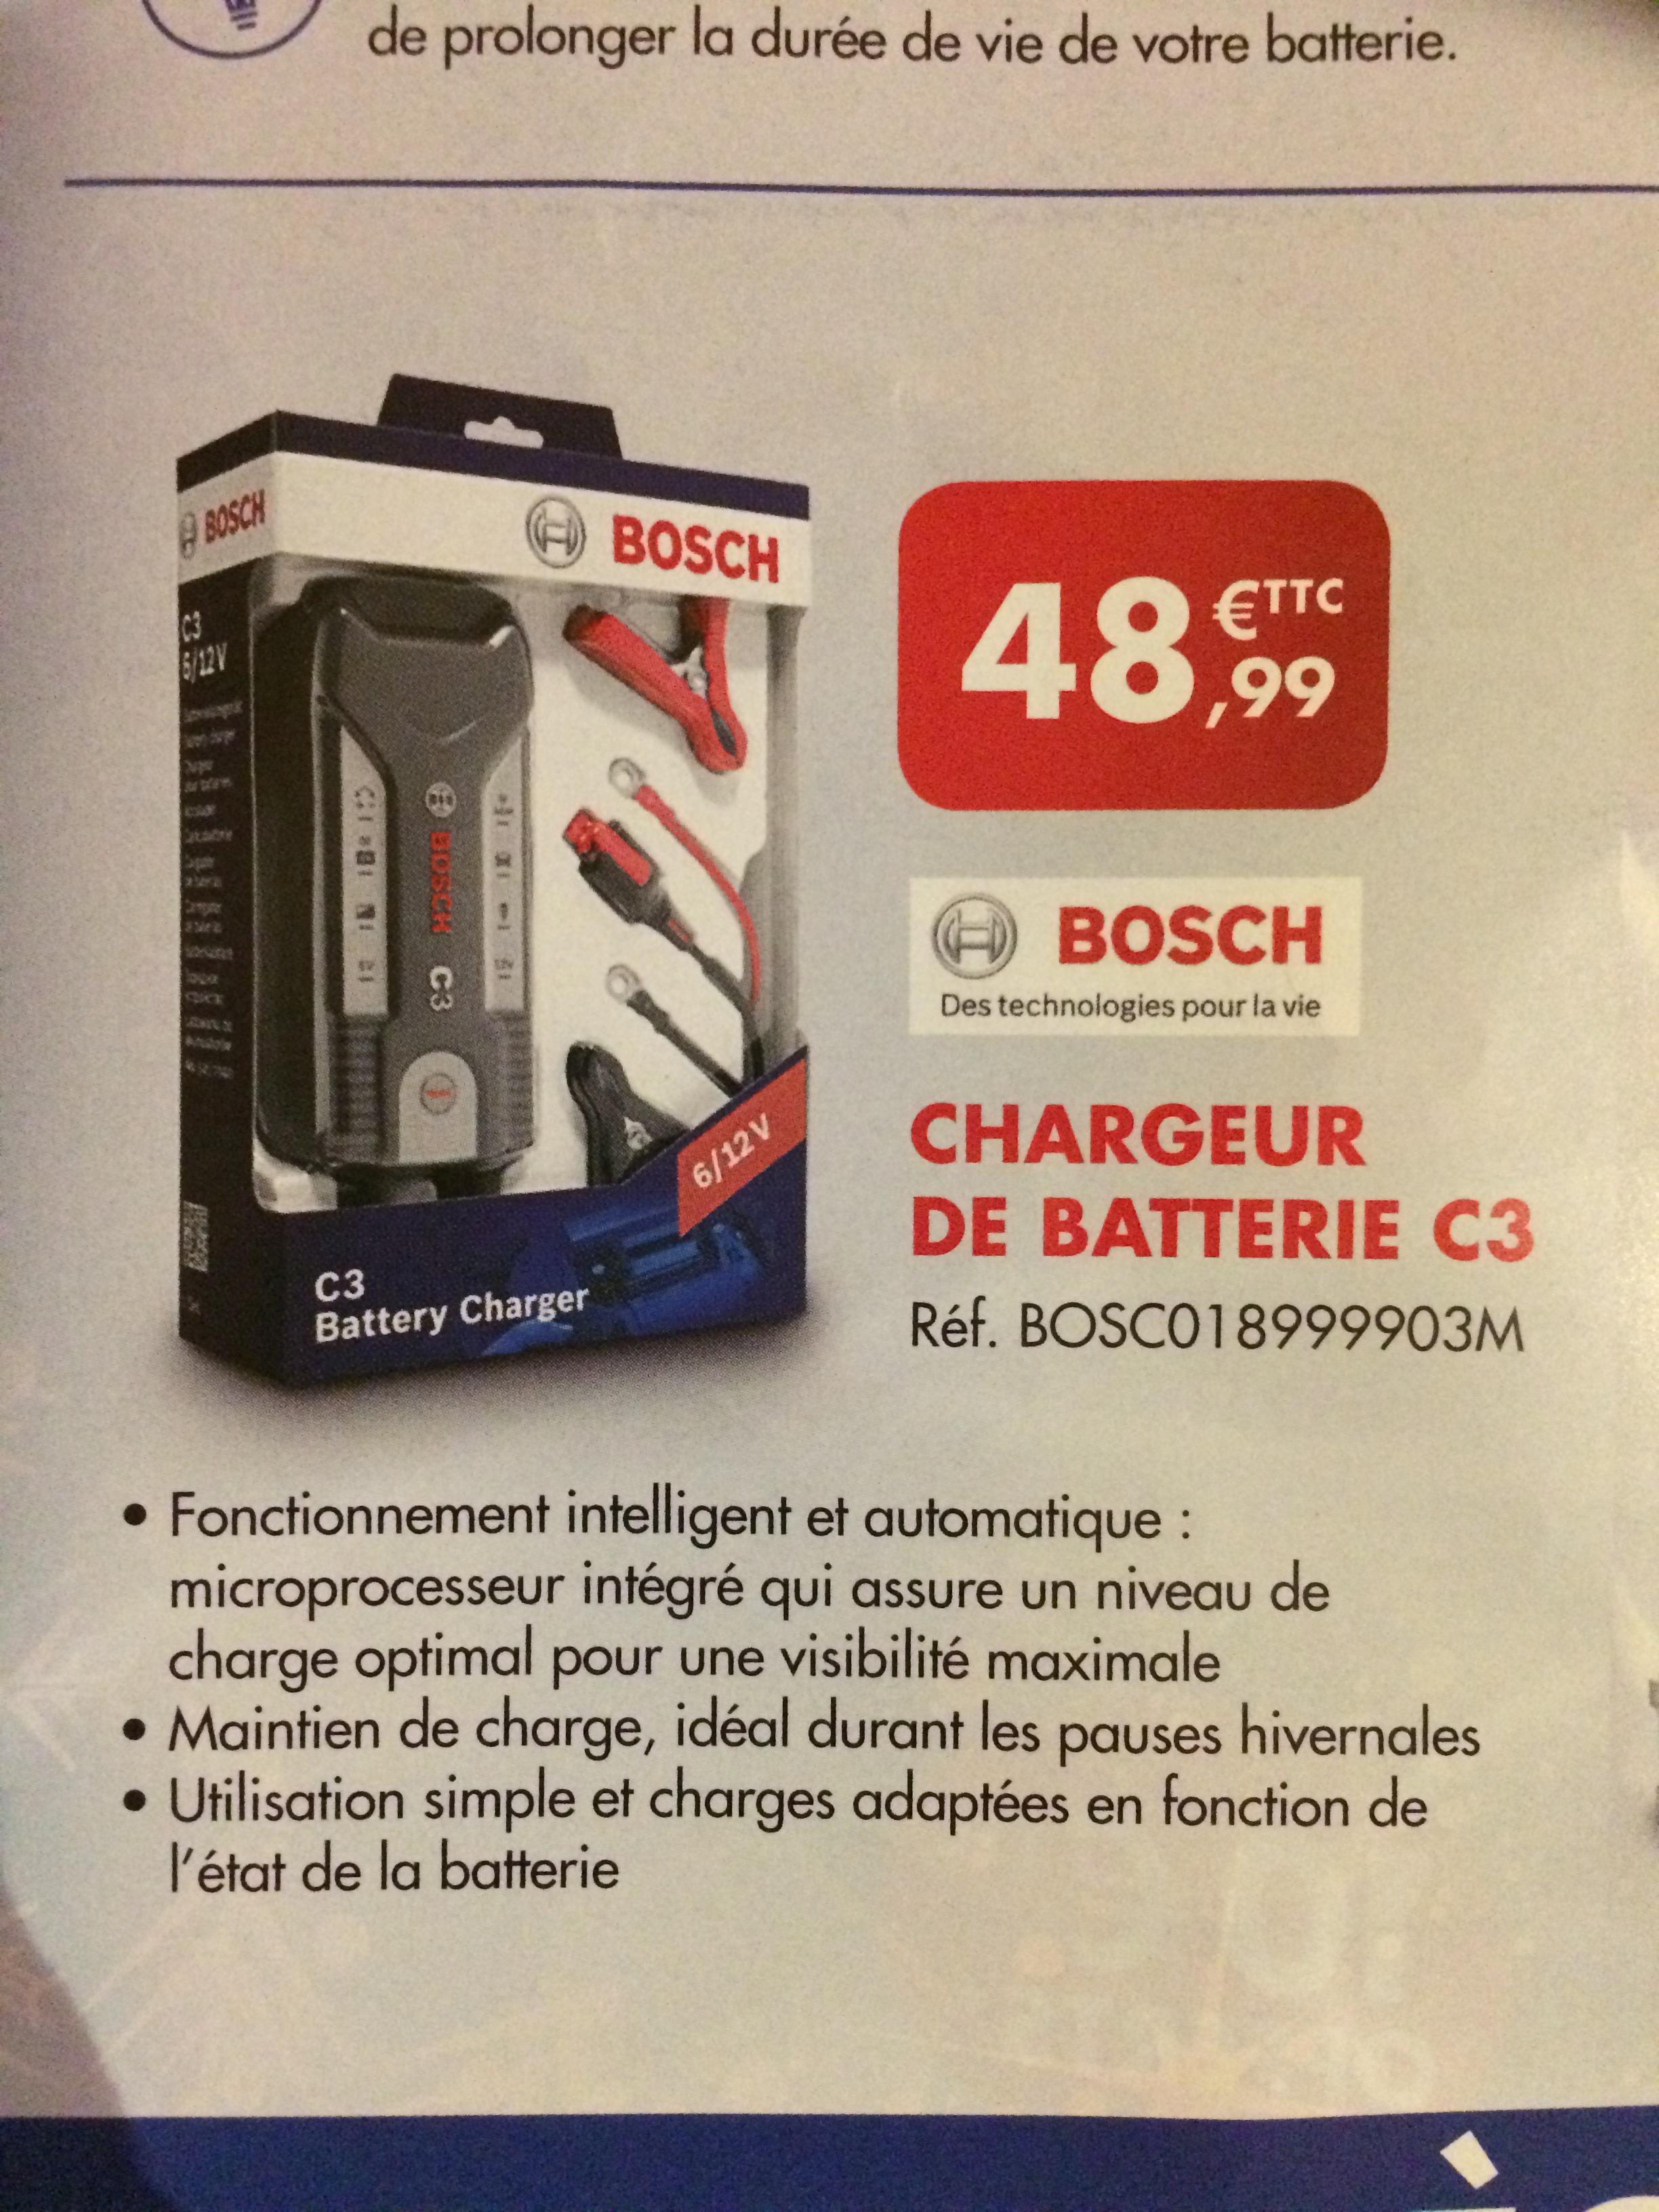 Chargeur de batterie Bosch C3 6/12V - Evreux (27), Le Havre (76), Dieppe (76), Petit Quevilly (76), Rouen (76) - autodistribution